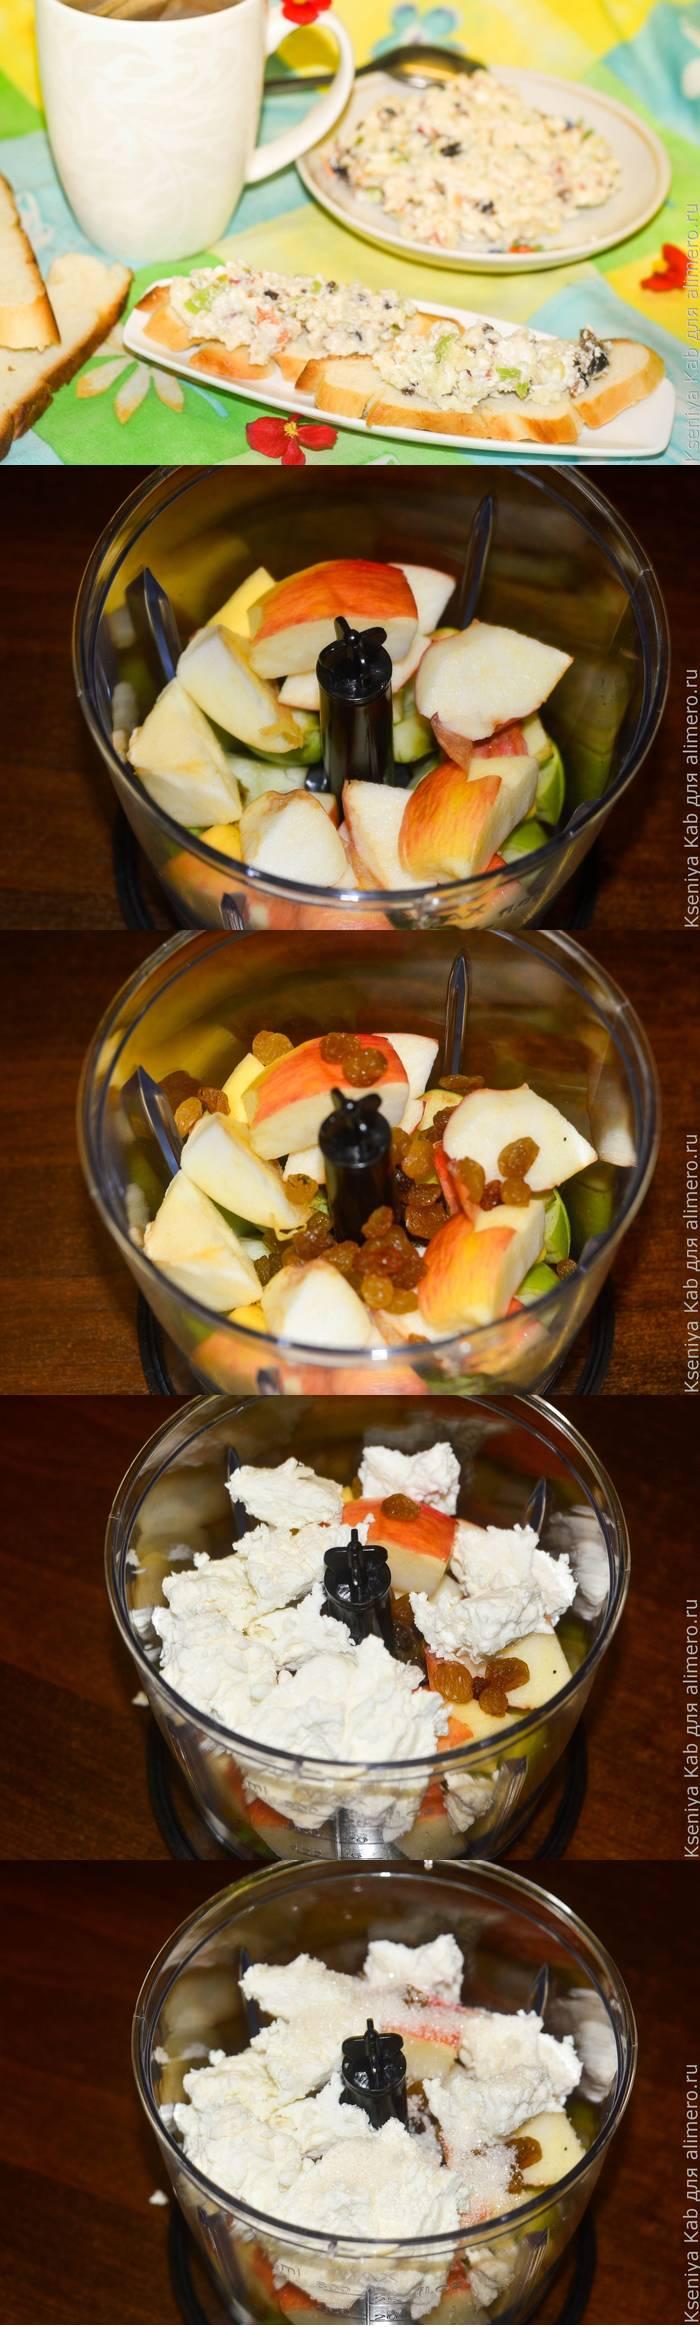 Творожная намазка с яблоками для хлеба